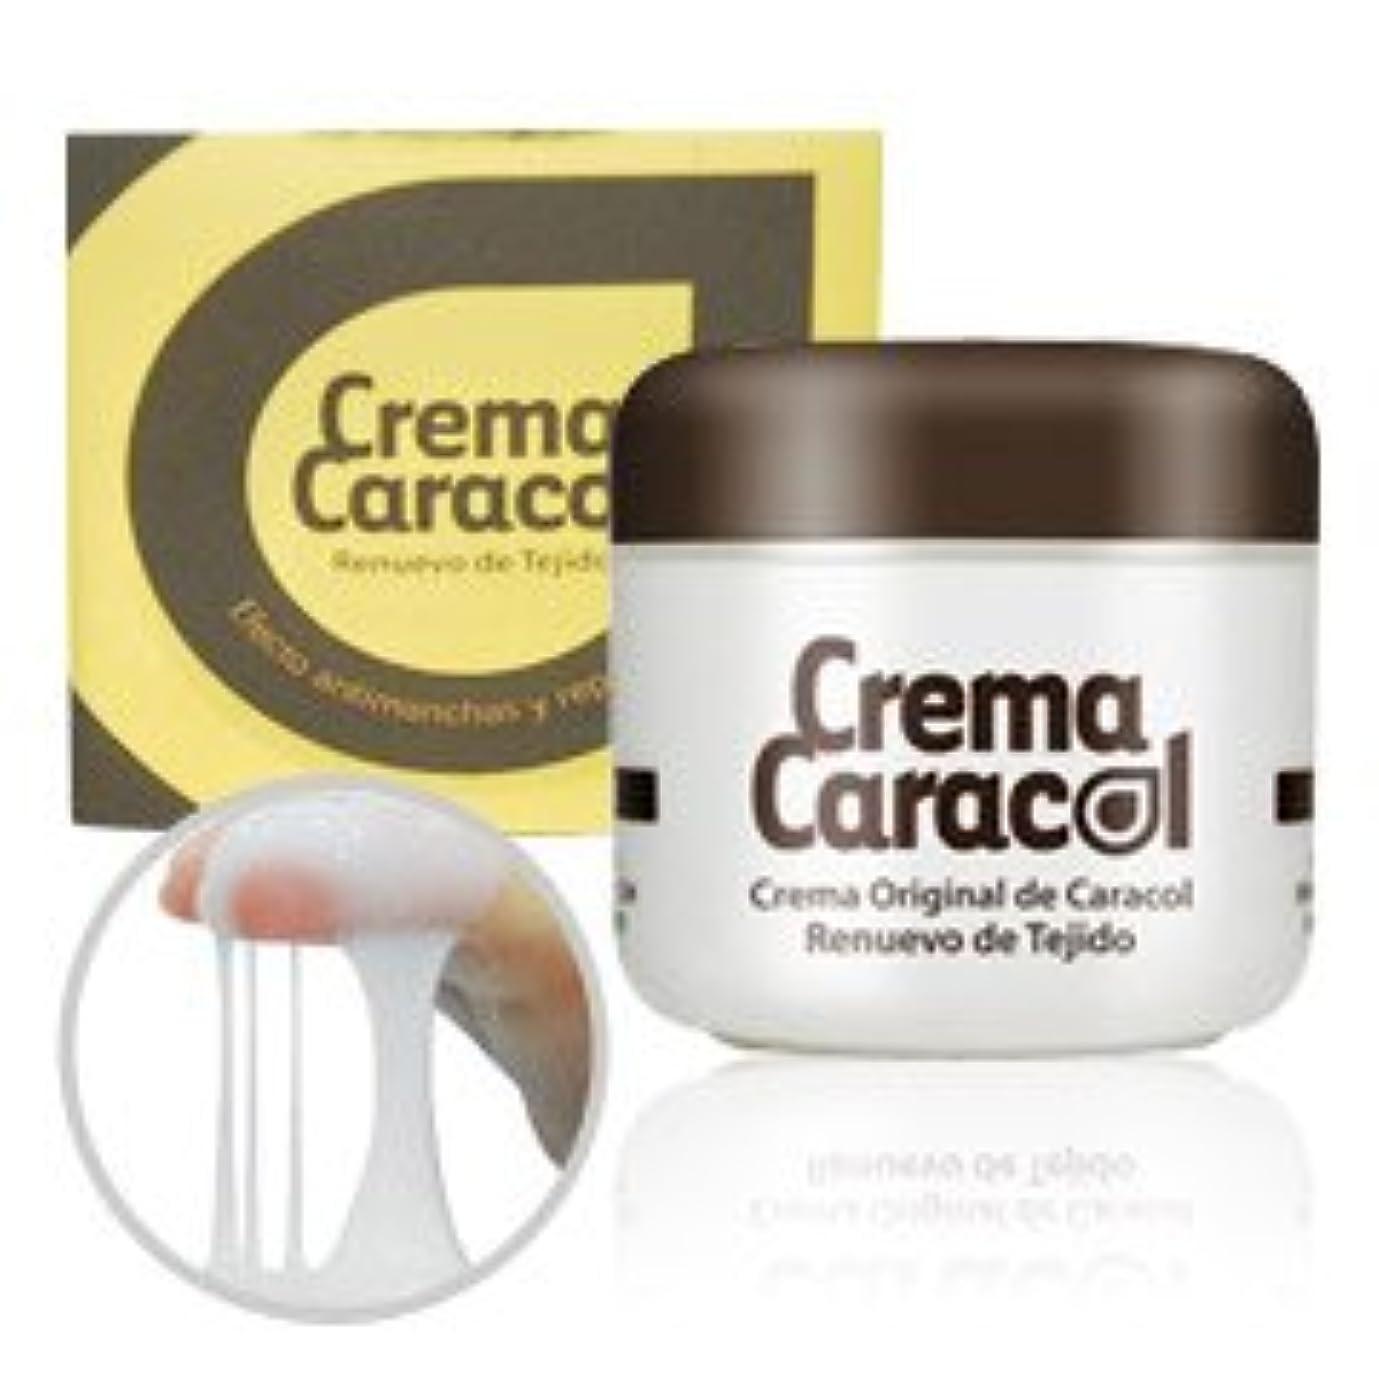 家事証明する締めるcrema caracol(カラコール) かたつむりクリーム 3個セット